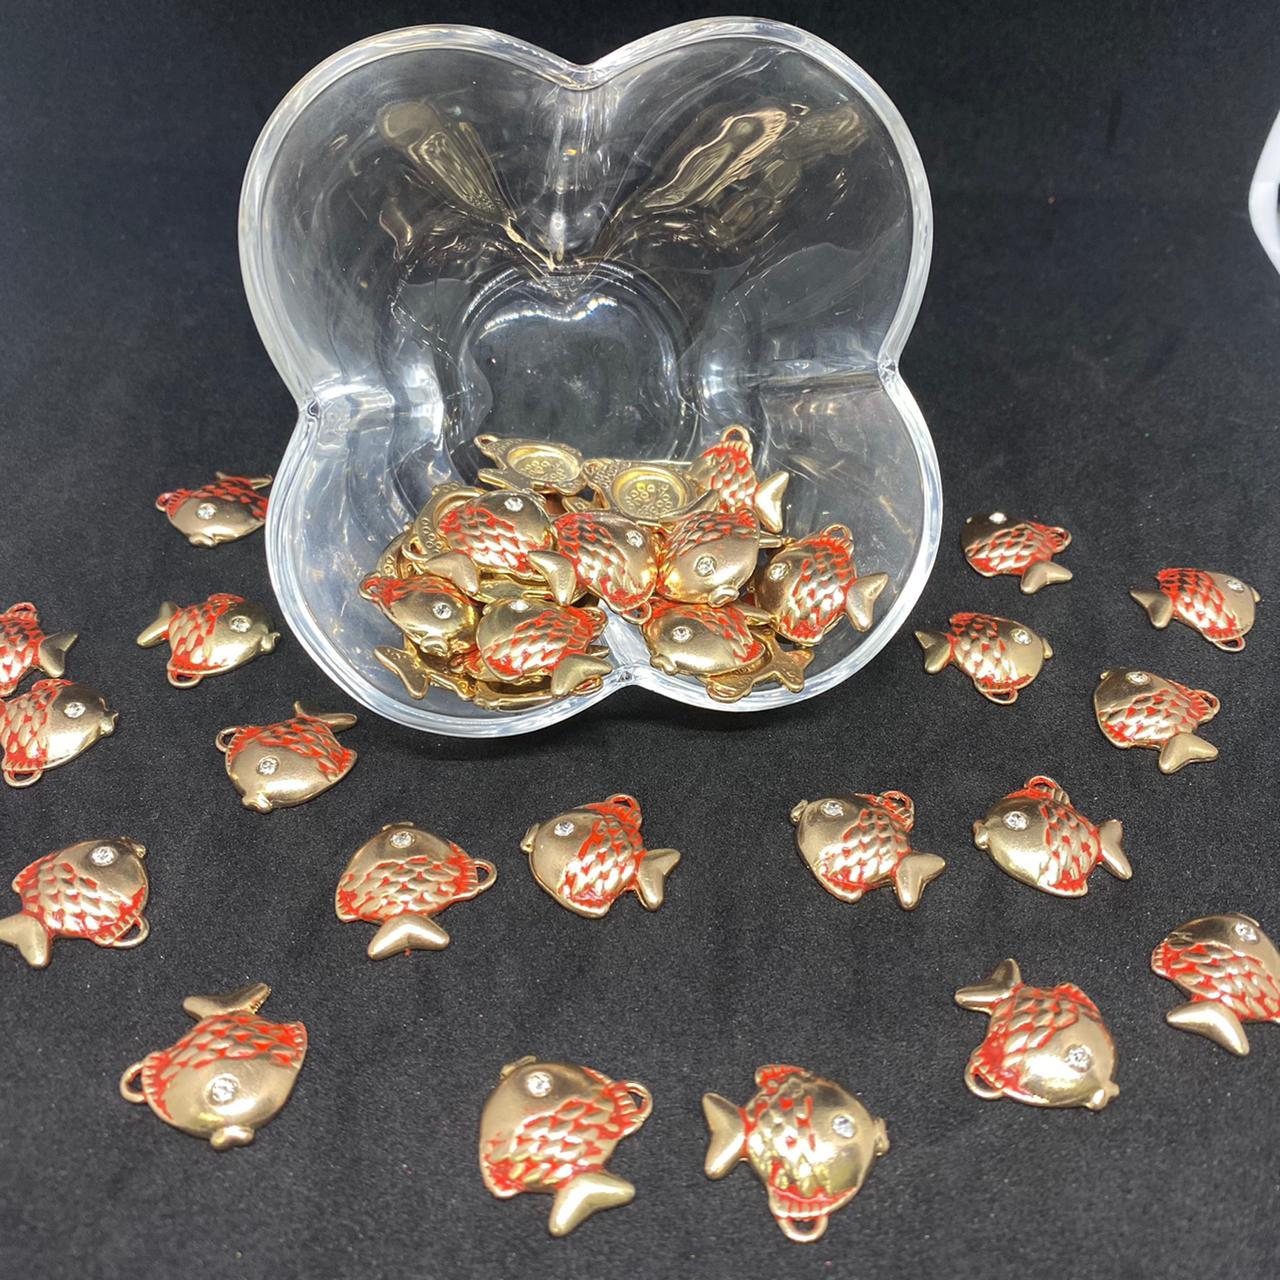 Pingente de peixe dourado c/ vermelho  19x19mm / unidade (5169)